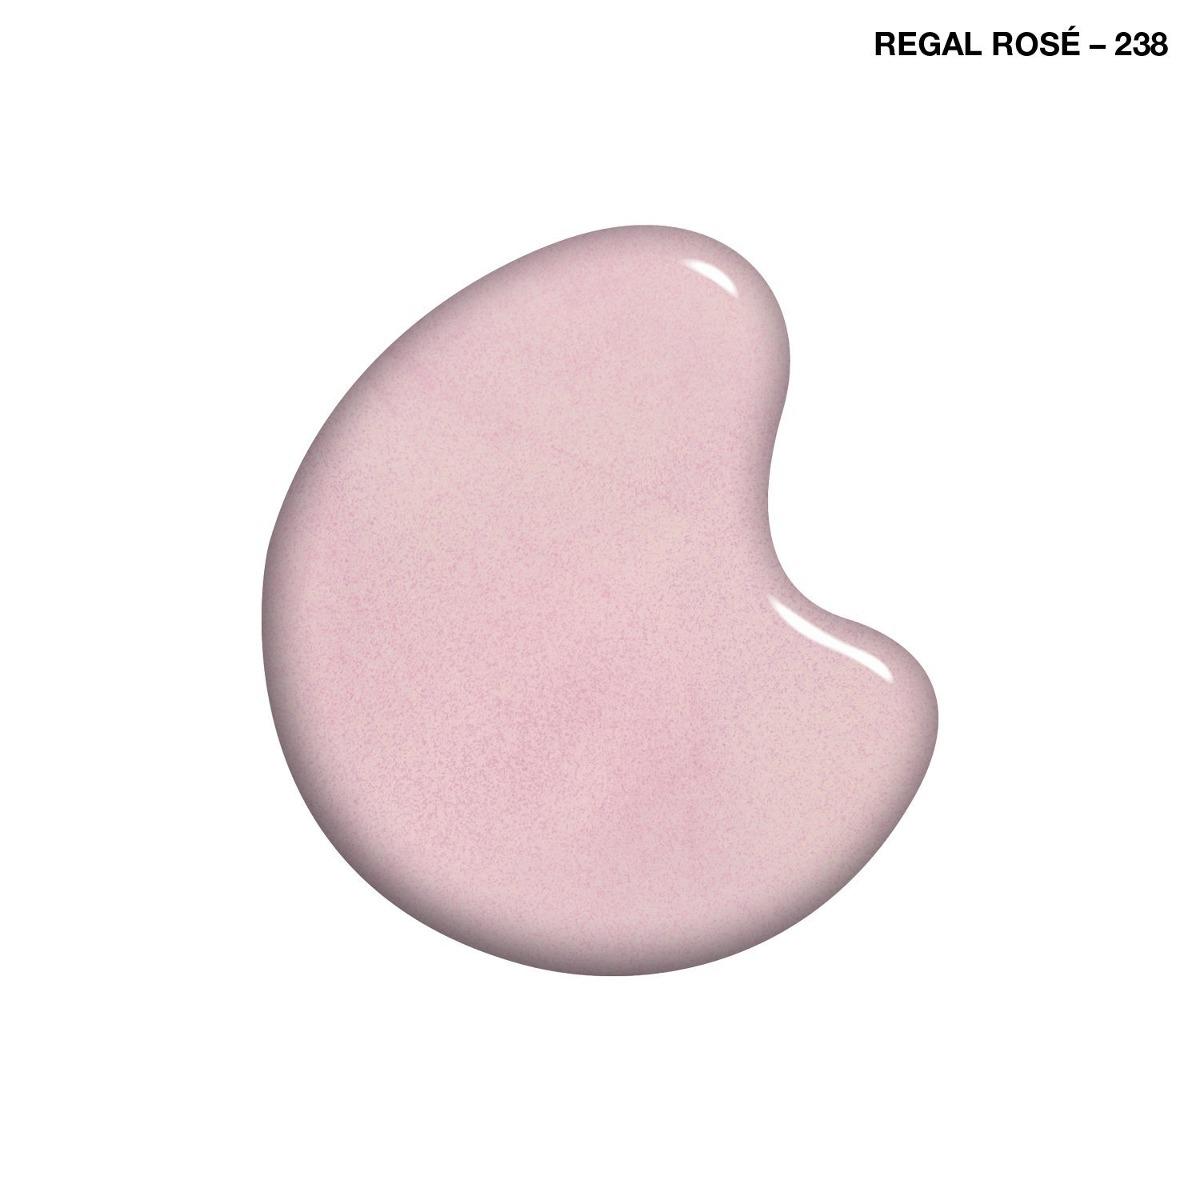 Sally Hansen Milagro De Uñas Del Gel, Regal Rose, 0,50 Onza ...